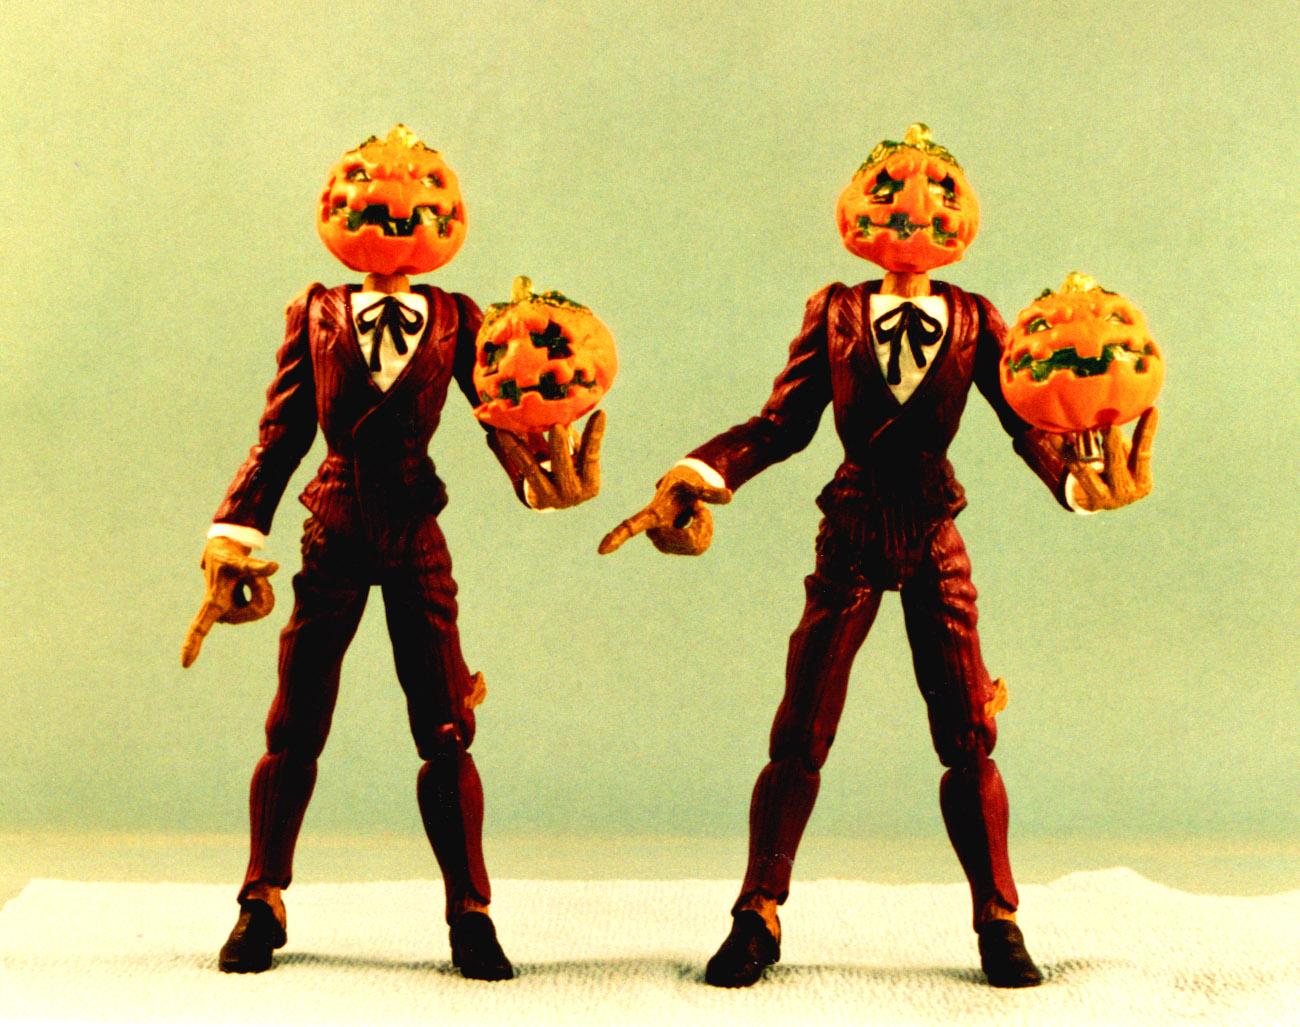 Ultraforce pumpkinhead figure - never produced